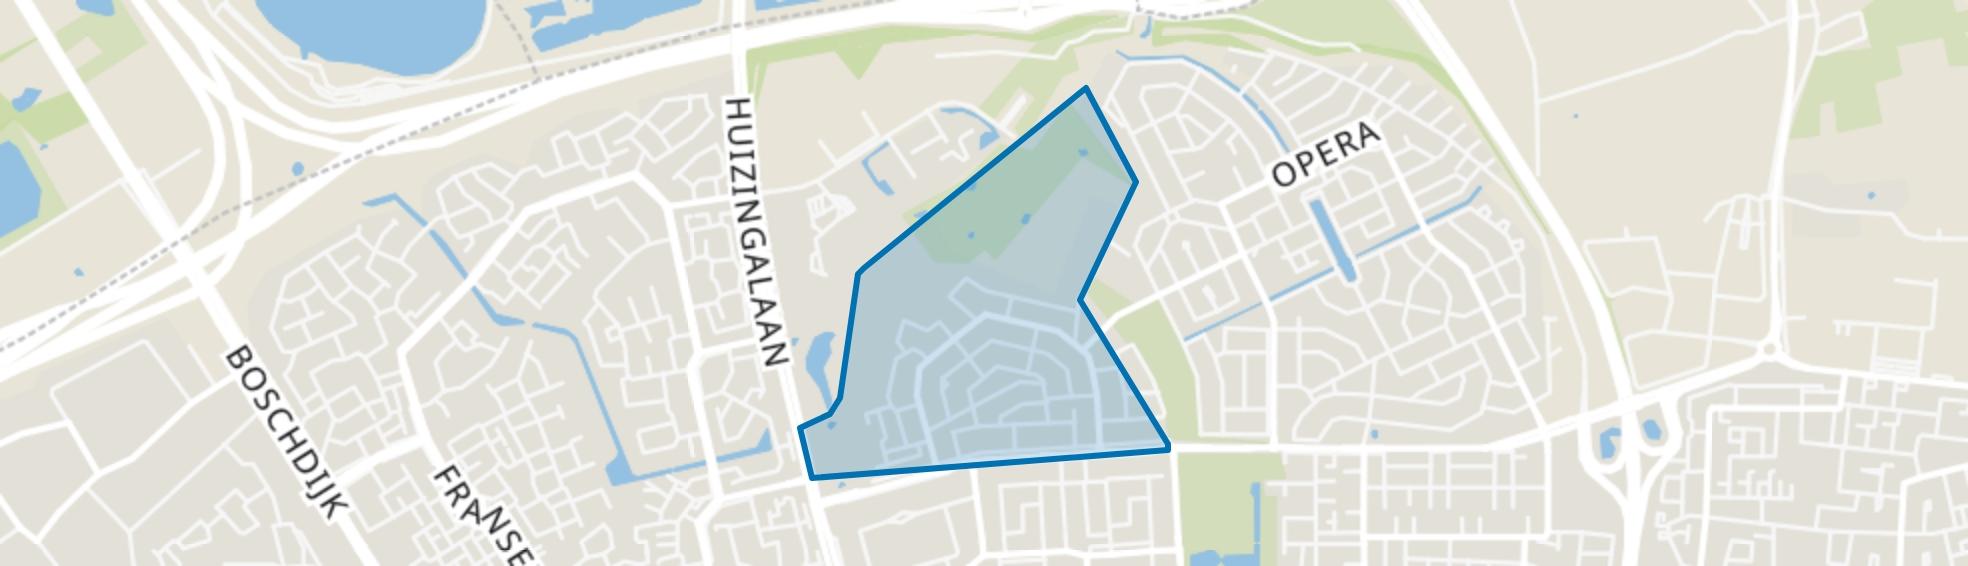 Blixembosch-West, Eindhoven map